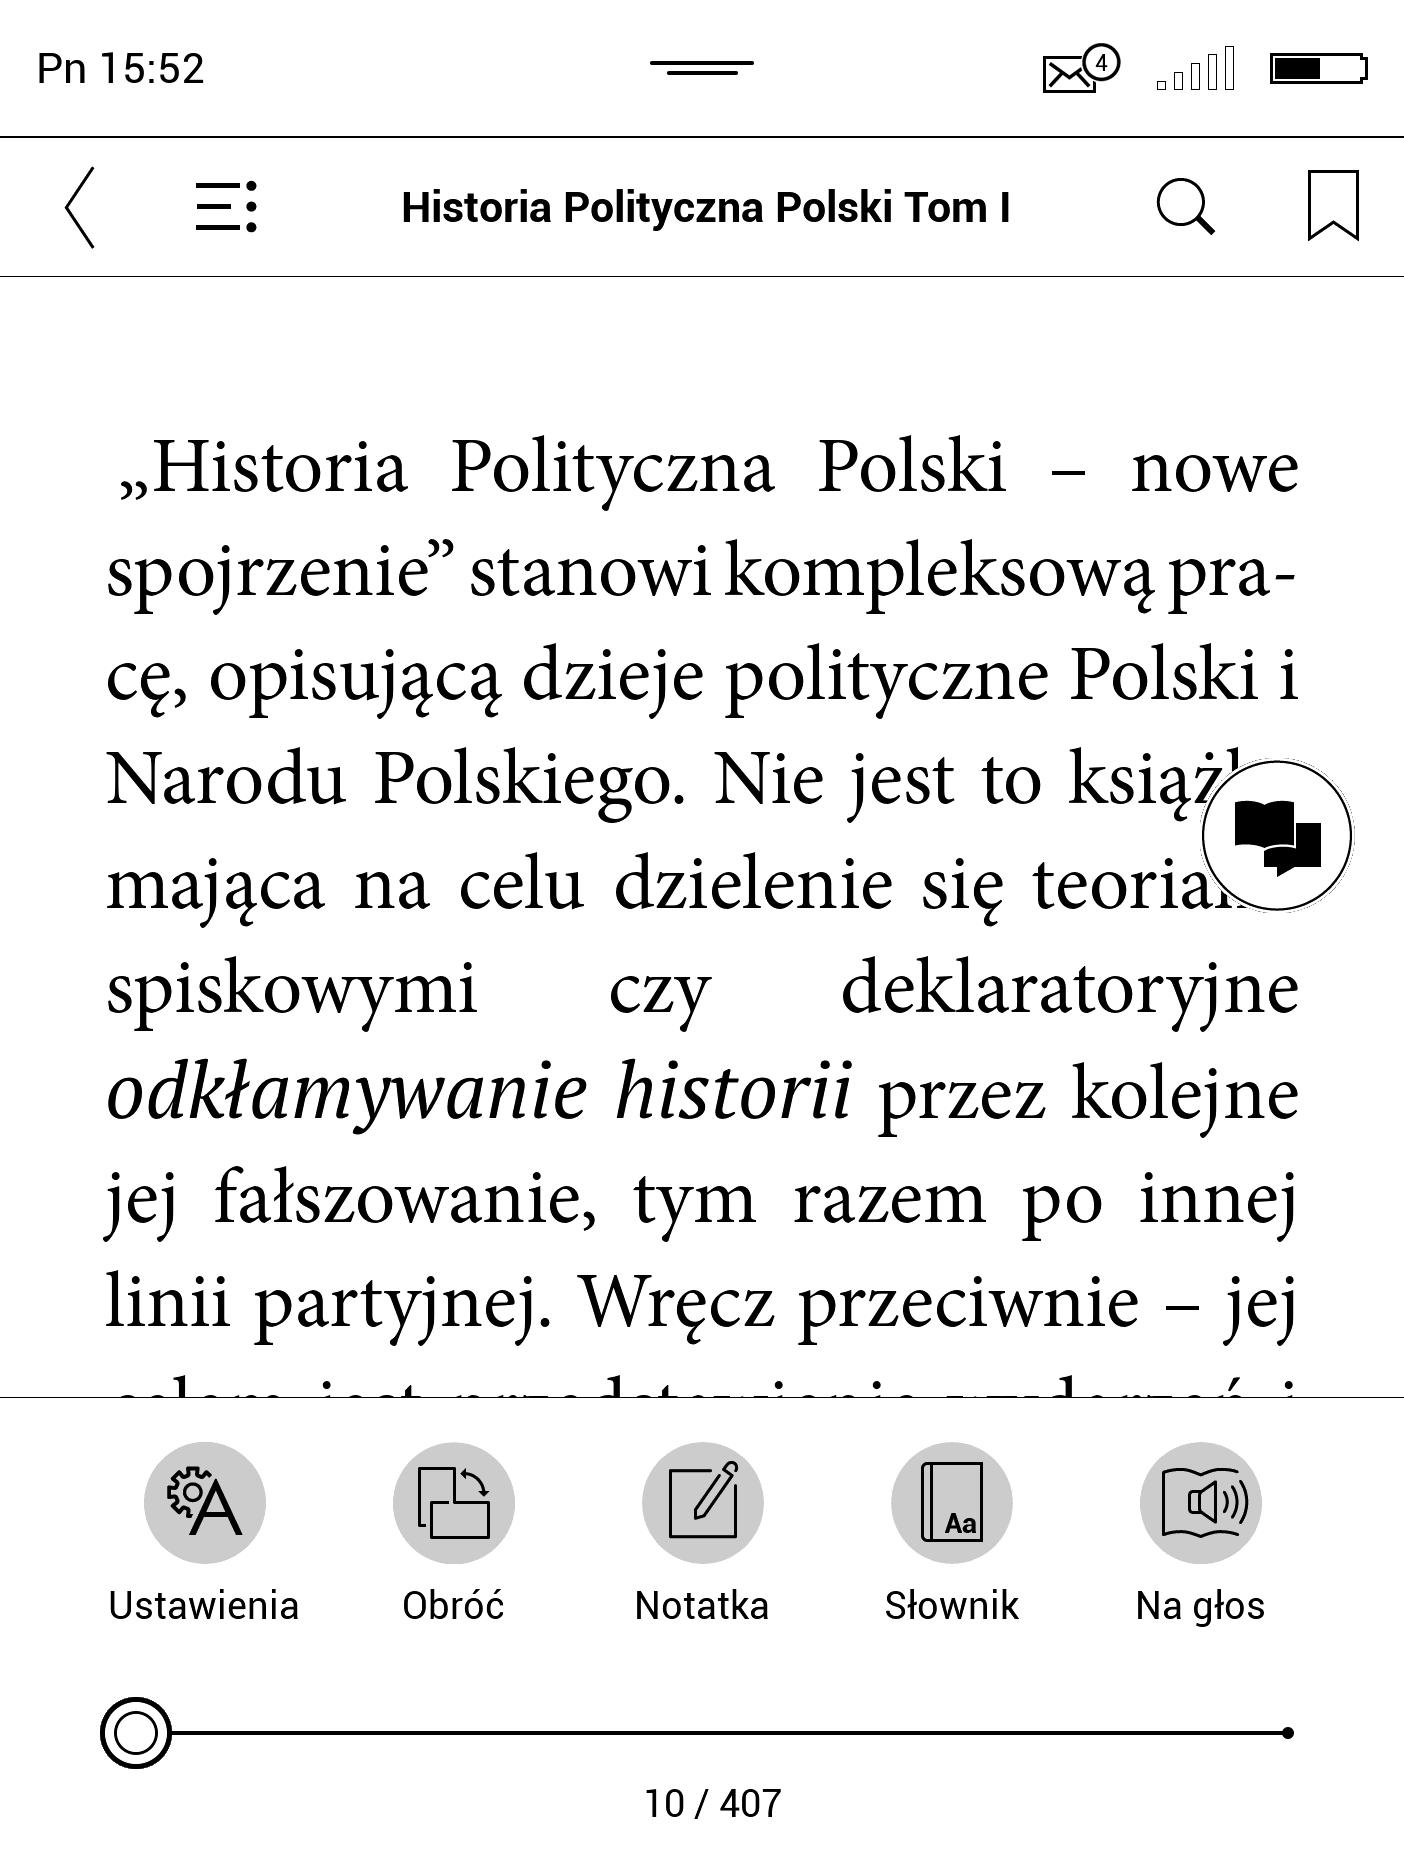 Włączanie trybu Notatka na PocketBooku